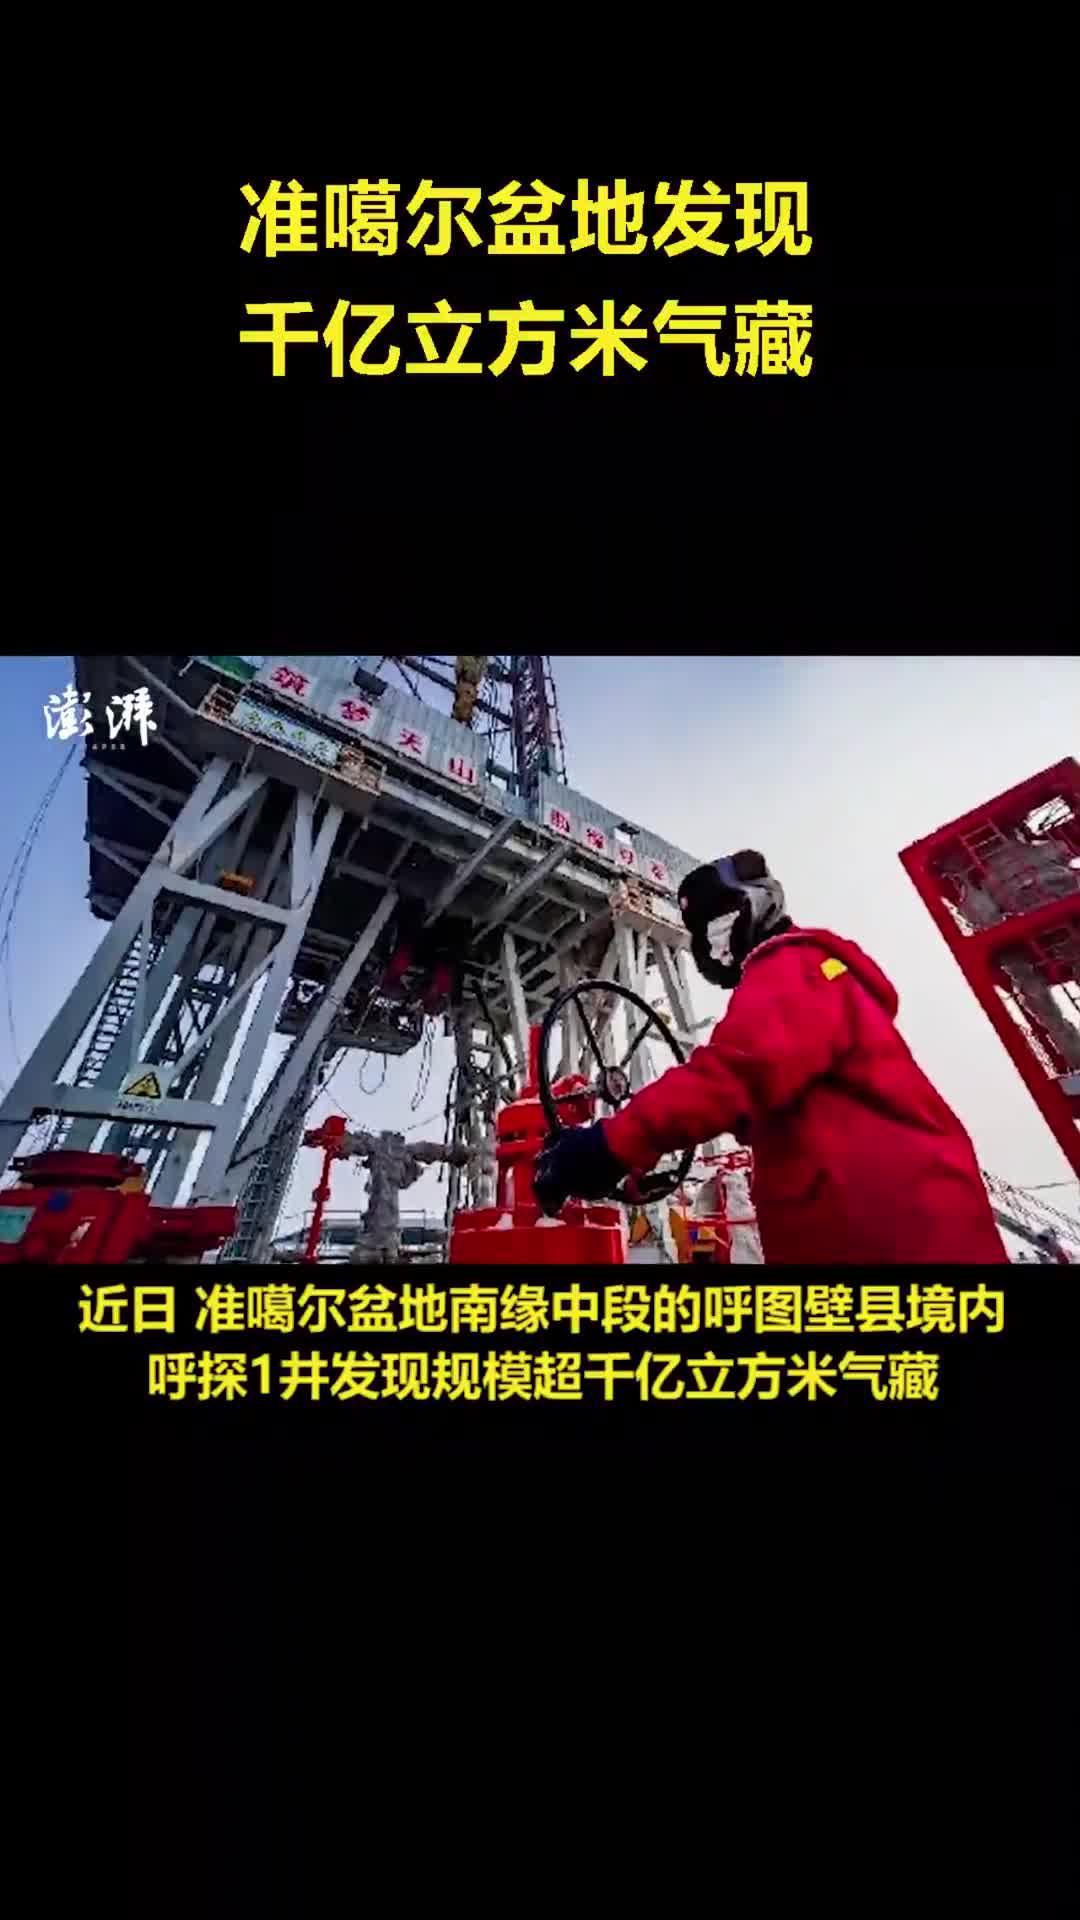 准噶尔盆地发现千亿立方米气藏